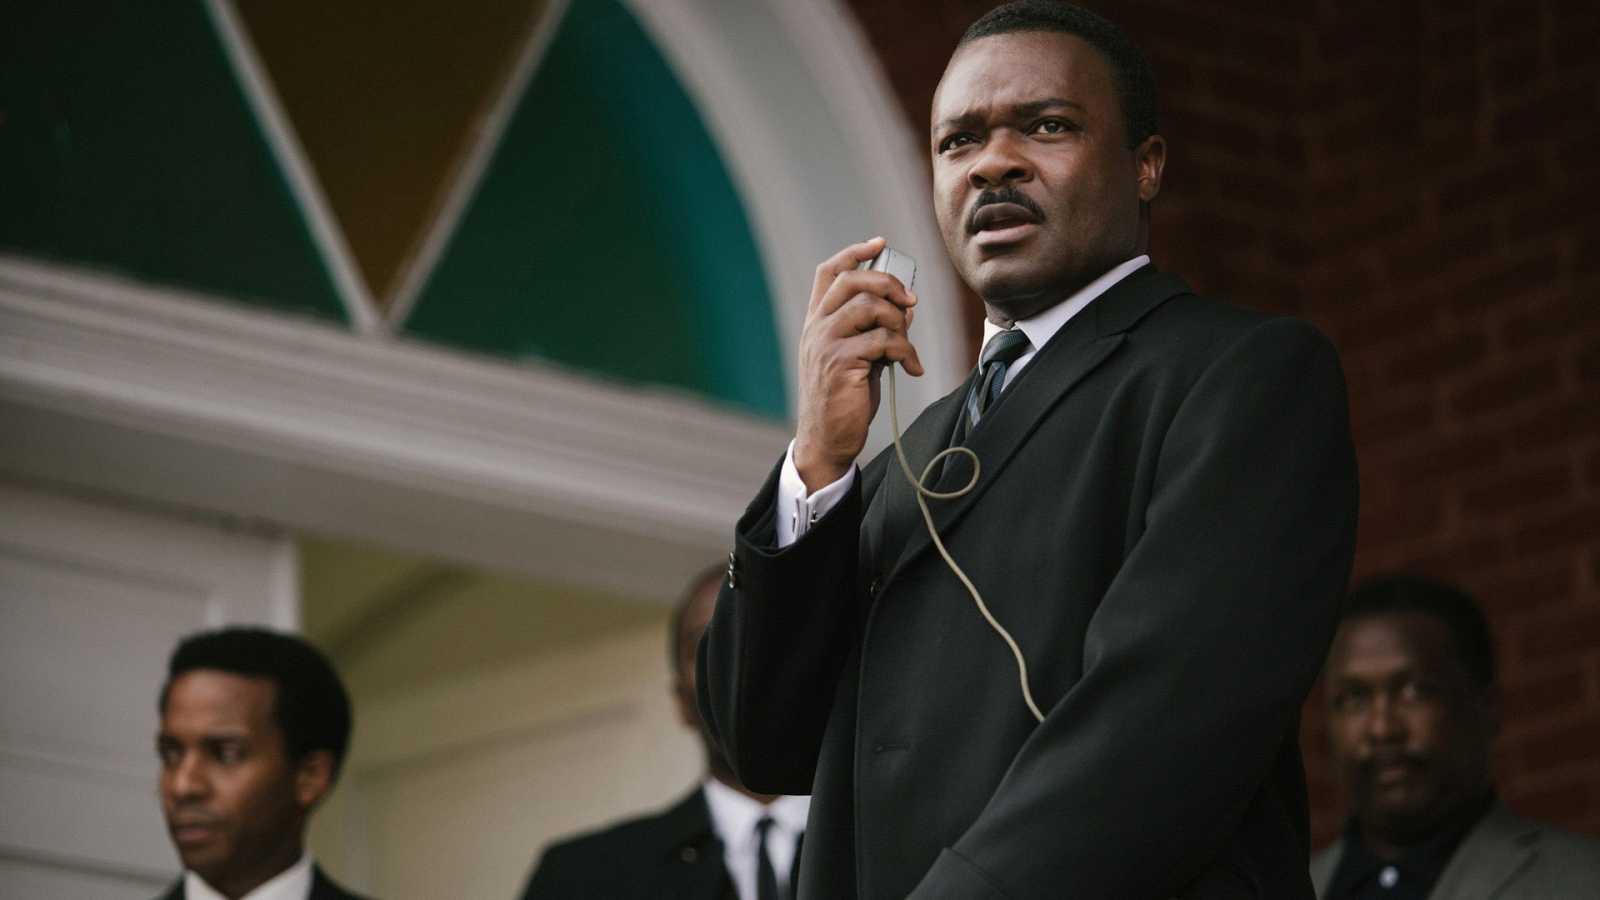 El cine de La2 - Selma (Presentación) - Ver ahora